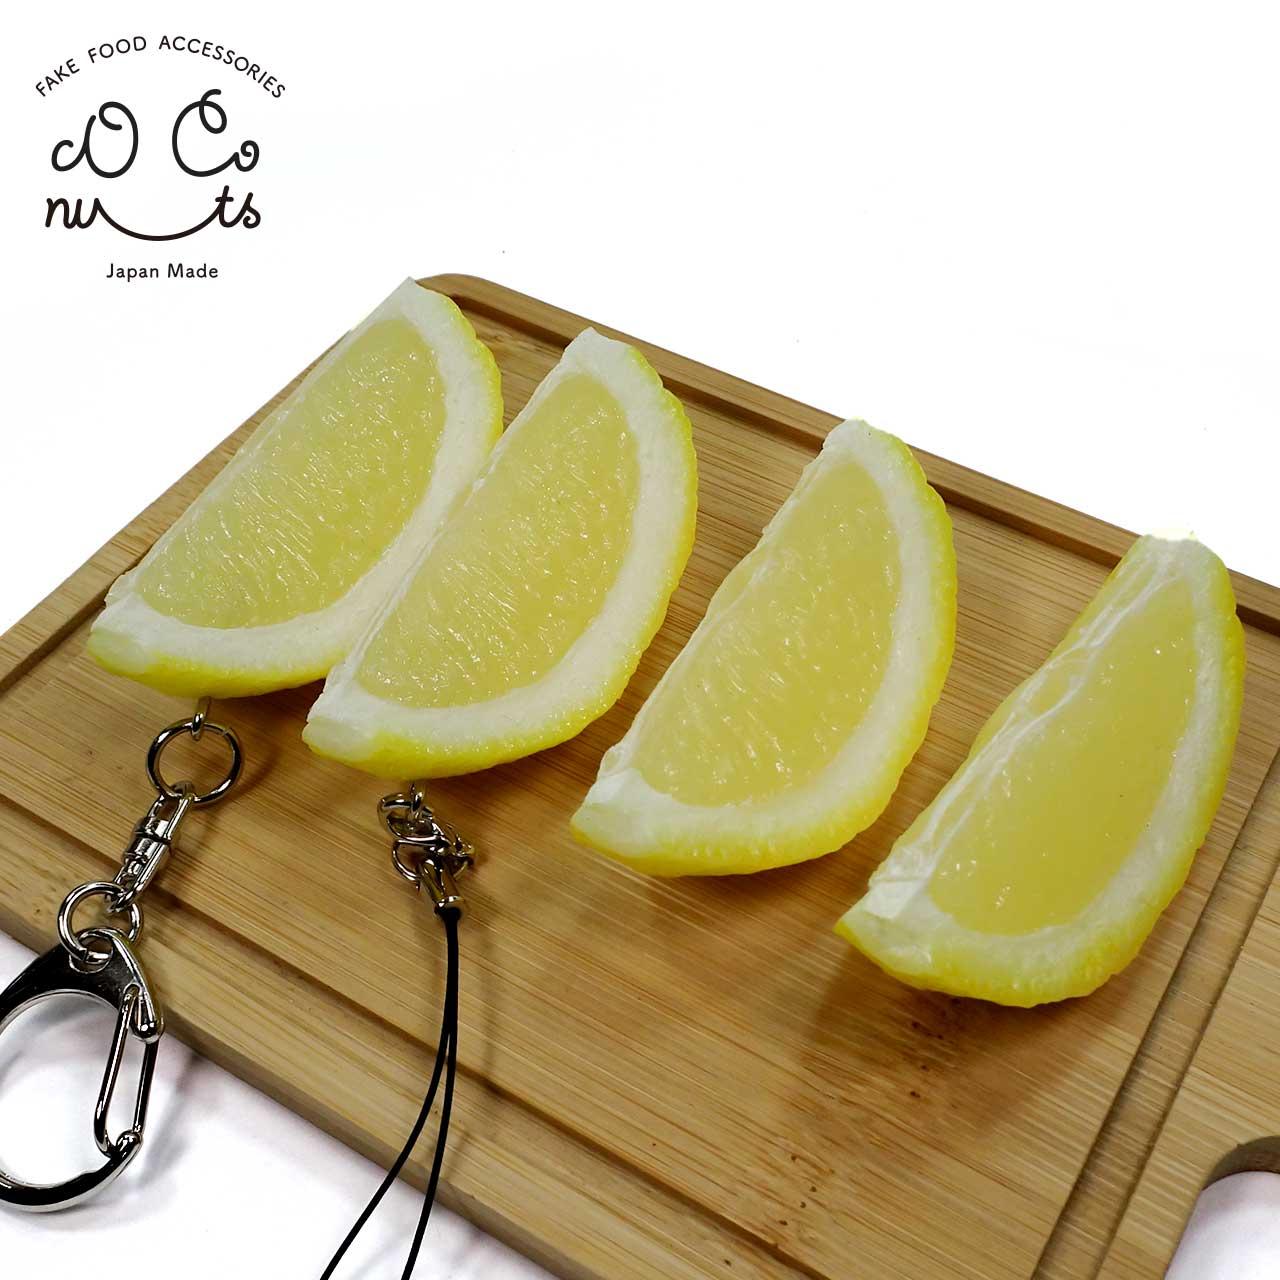 食べちゃいそうなレモンくし切り